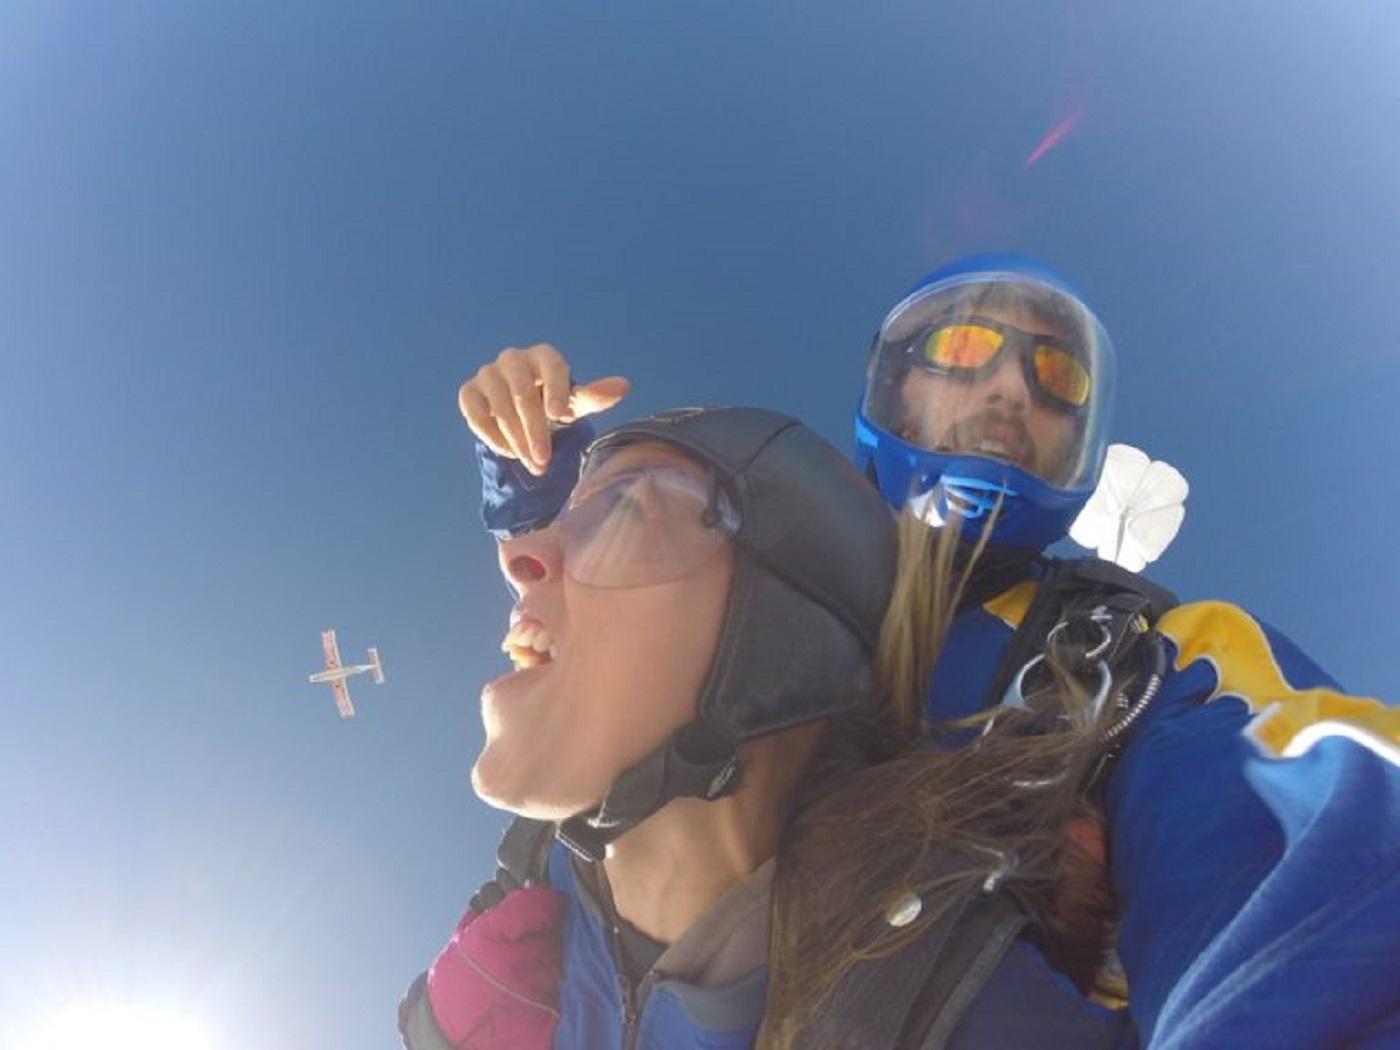 Salto de Paraquedas em Taupo (Foto: Tati Sisti)